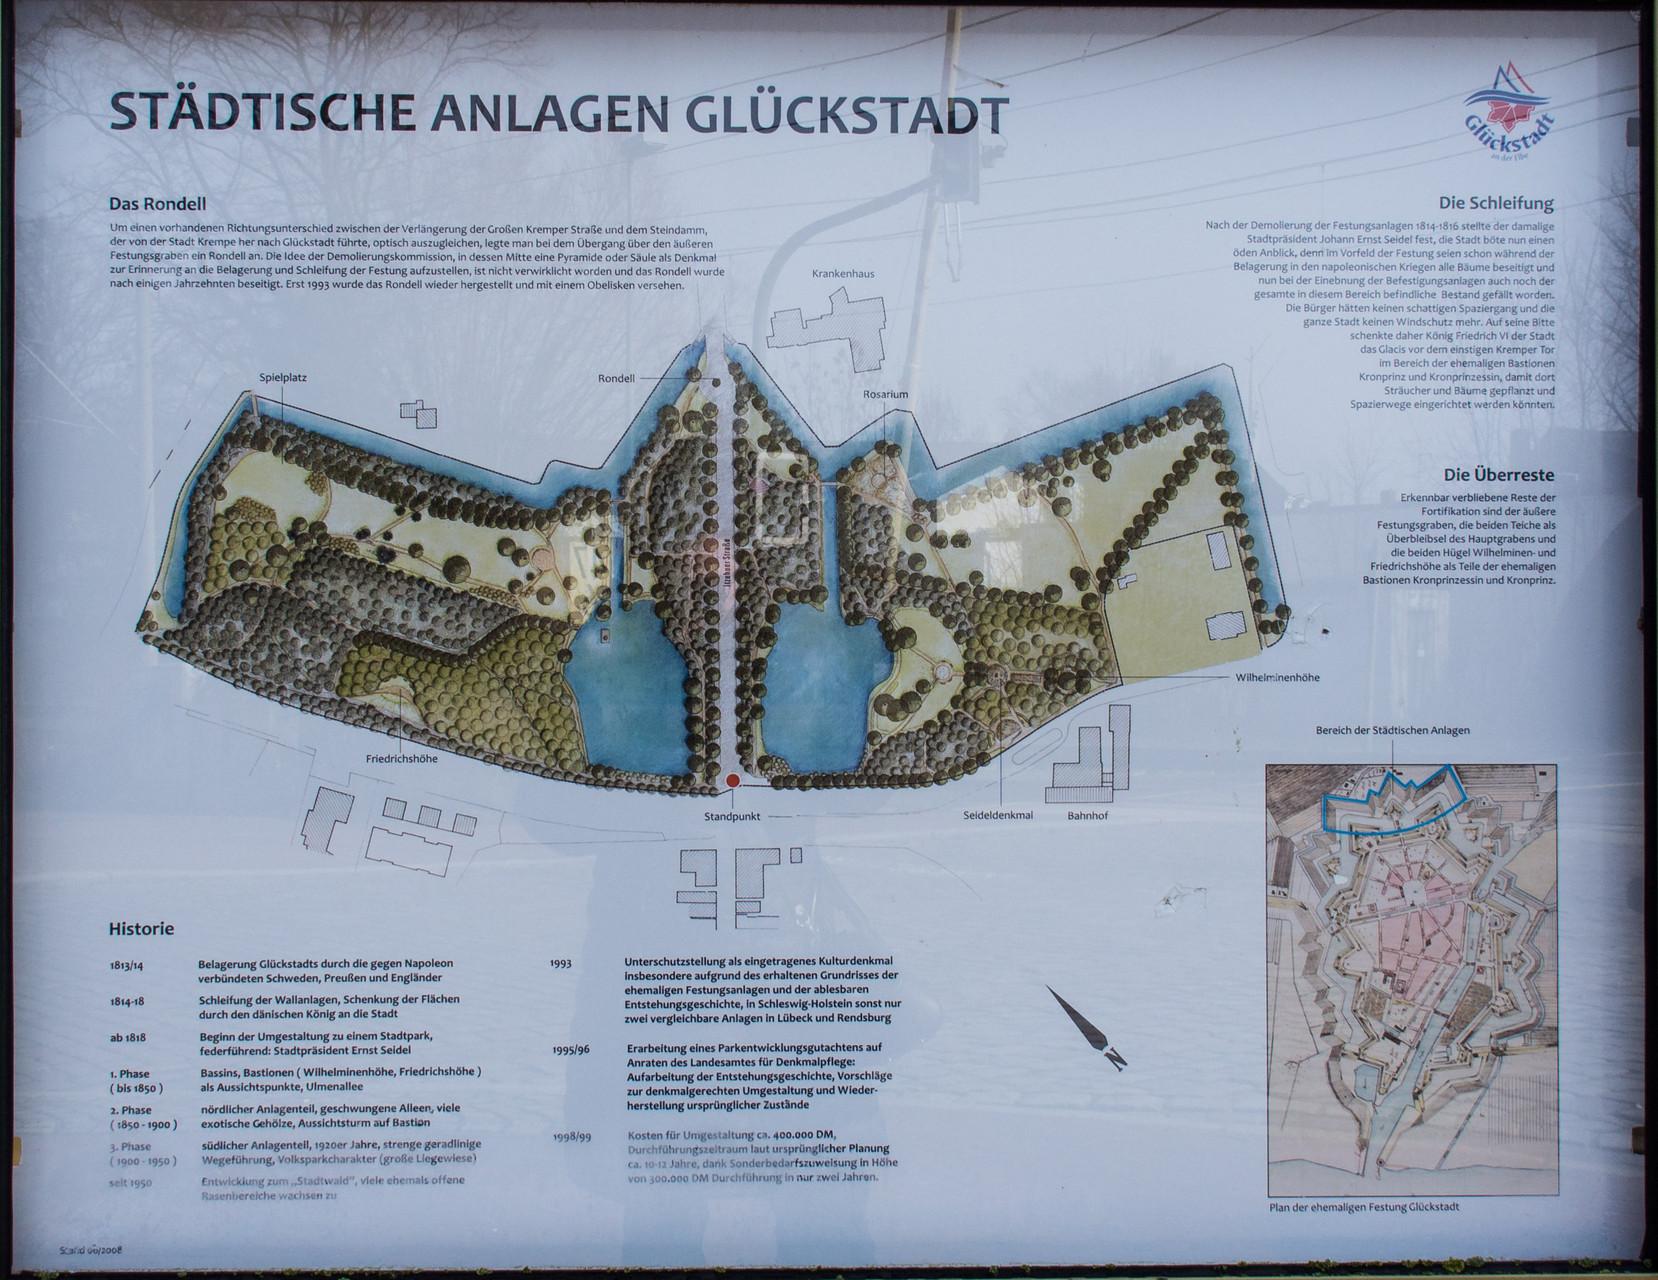 Die städtischen Anlagen